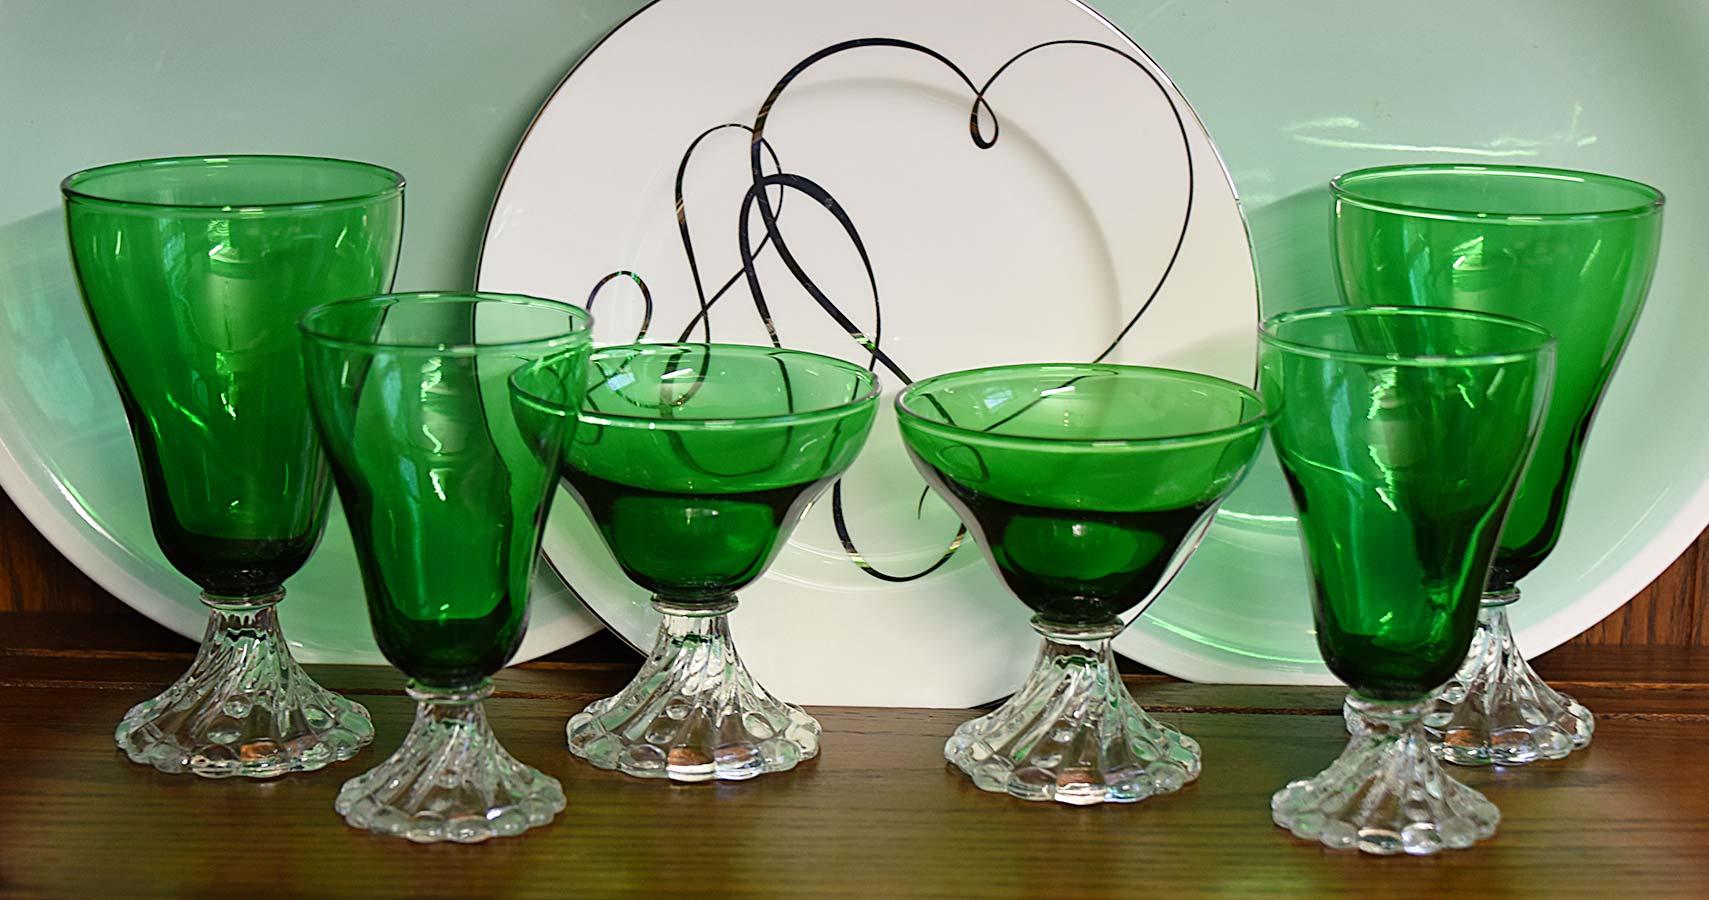 Green Glass Depression glassware